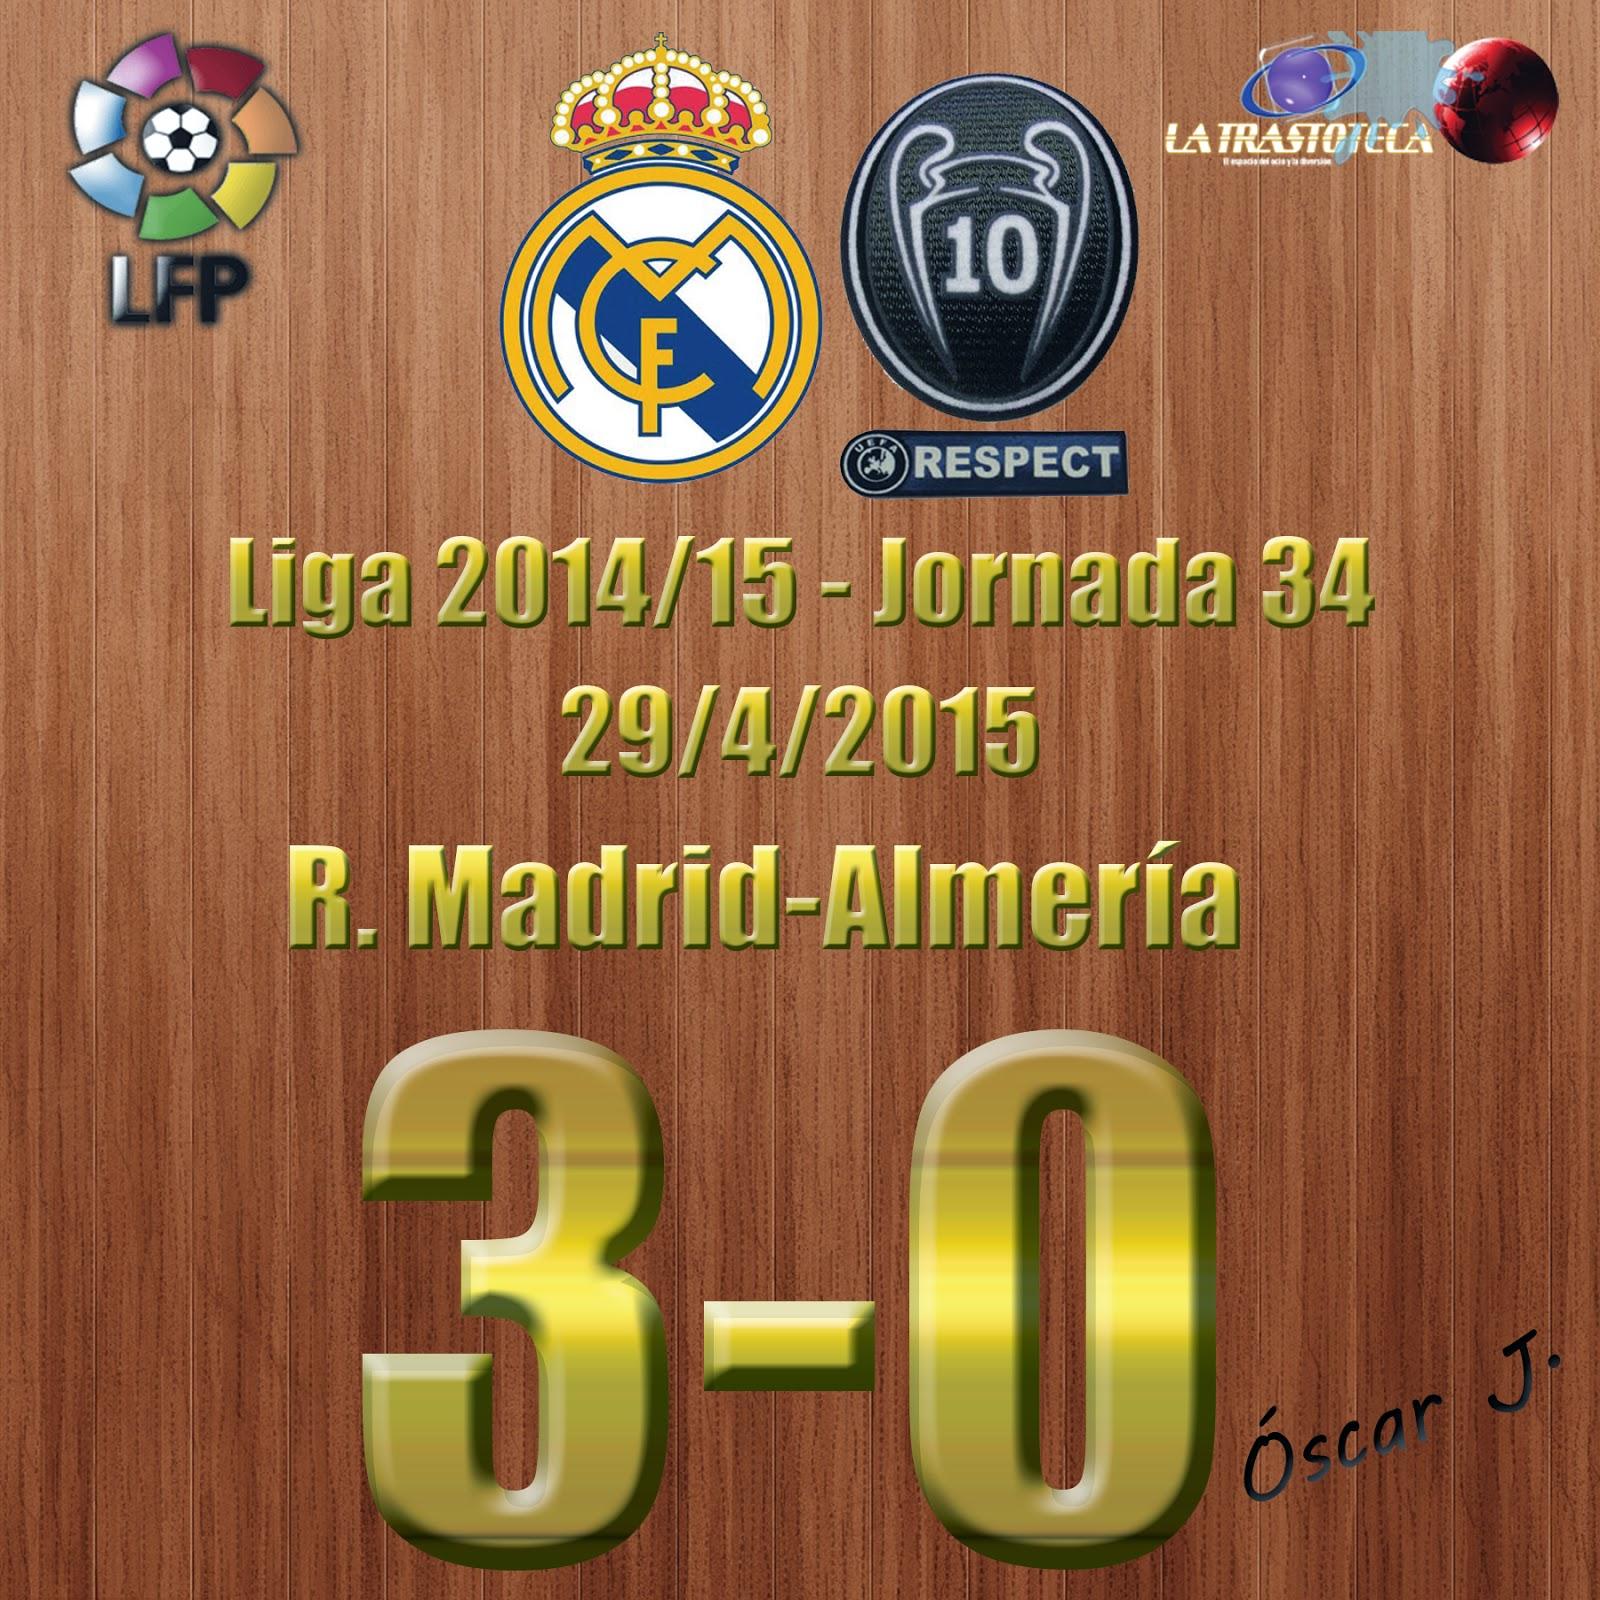 James Rodríguez (1-0) - Real Madrid 3-0 Almería - Liga 2014/15 - Jornada 34 - (29/4/2015)